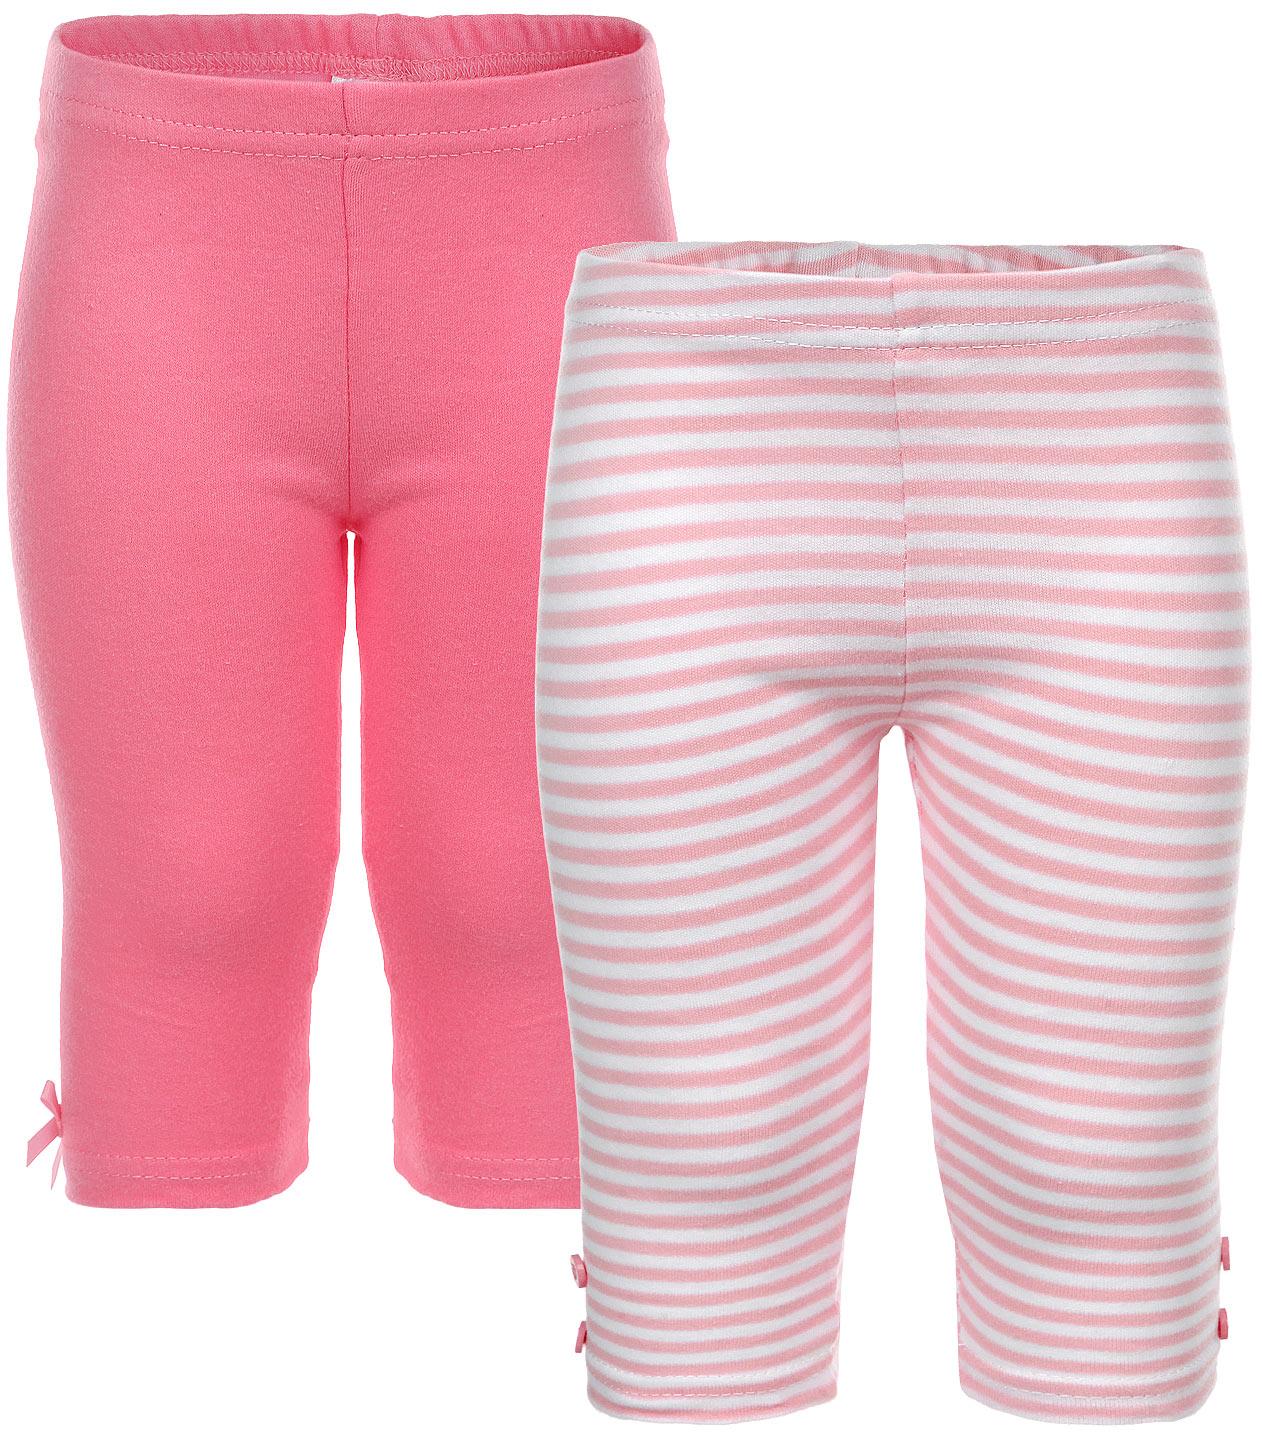 Леггинсы для девочки PlayToday Baby, цвет: розовый, белый, 2 шт. 168806. Размер 56 леггинсы viva baby леггинсы